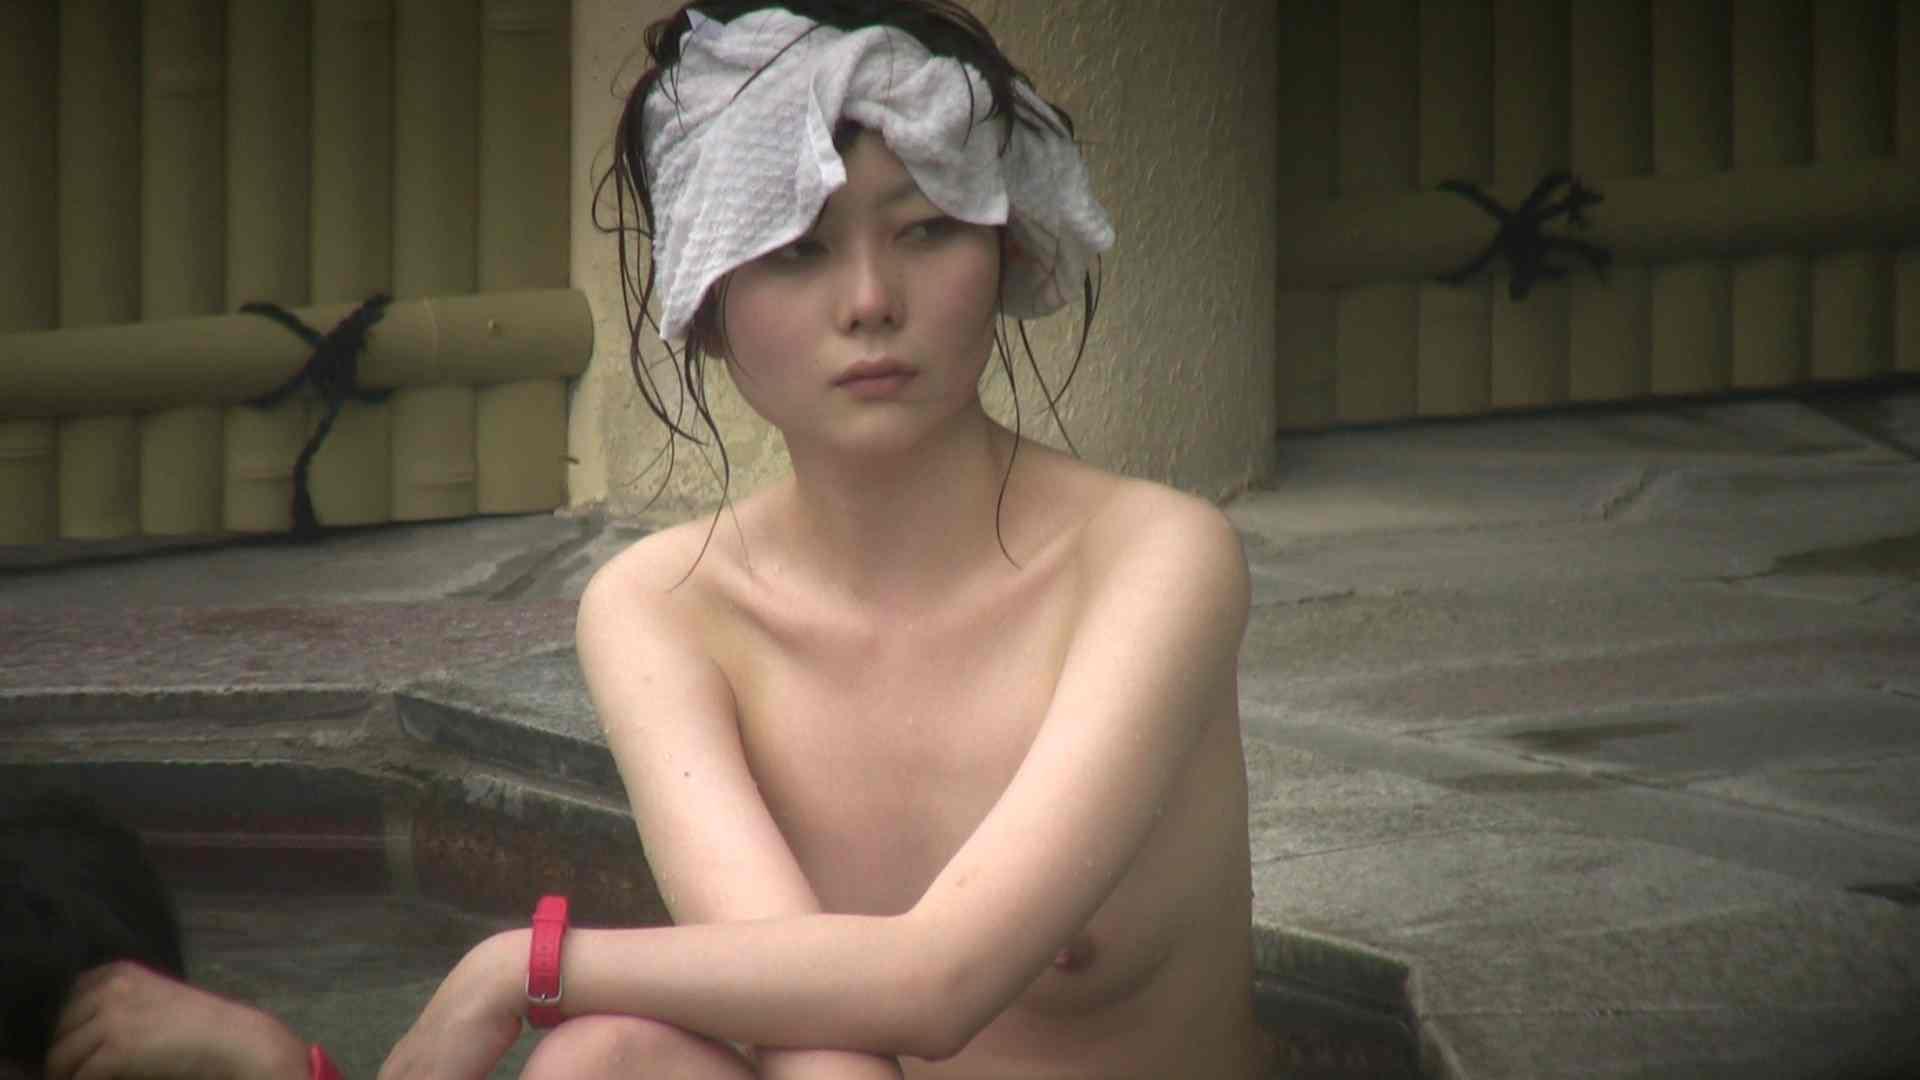 Aquaな露天風呂Vol.147 盗撮 セックス無修正動画無料 84PICs 83